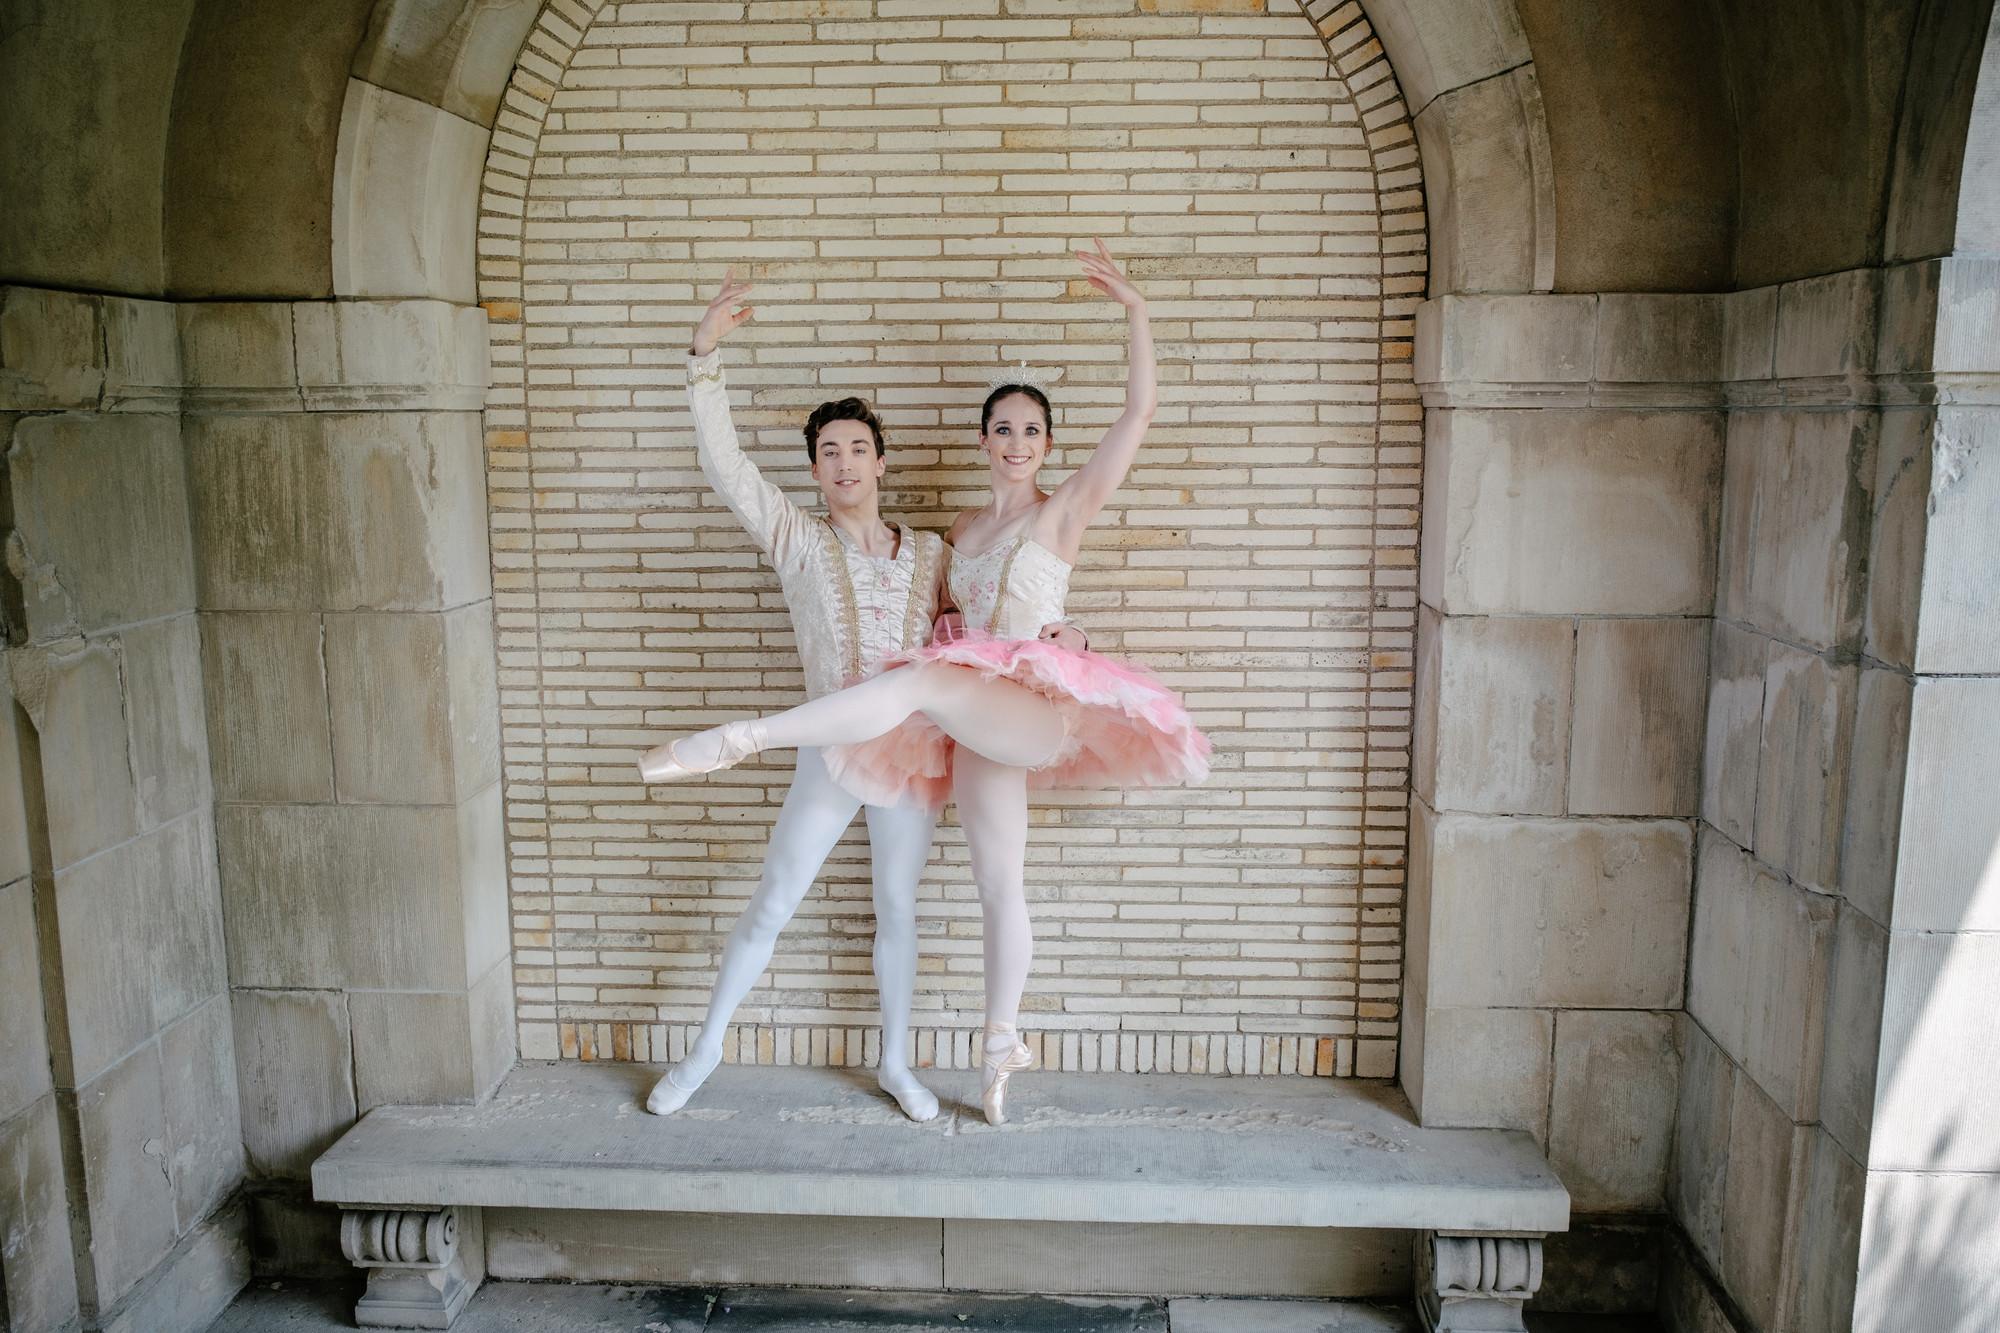 Nutcracker dancers pose